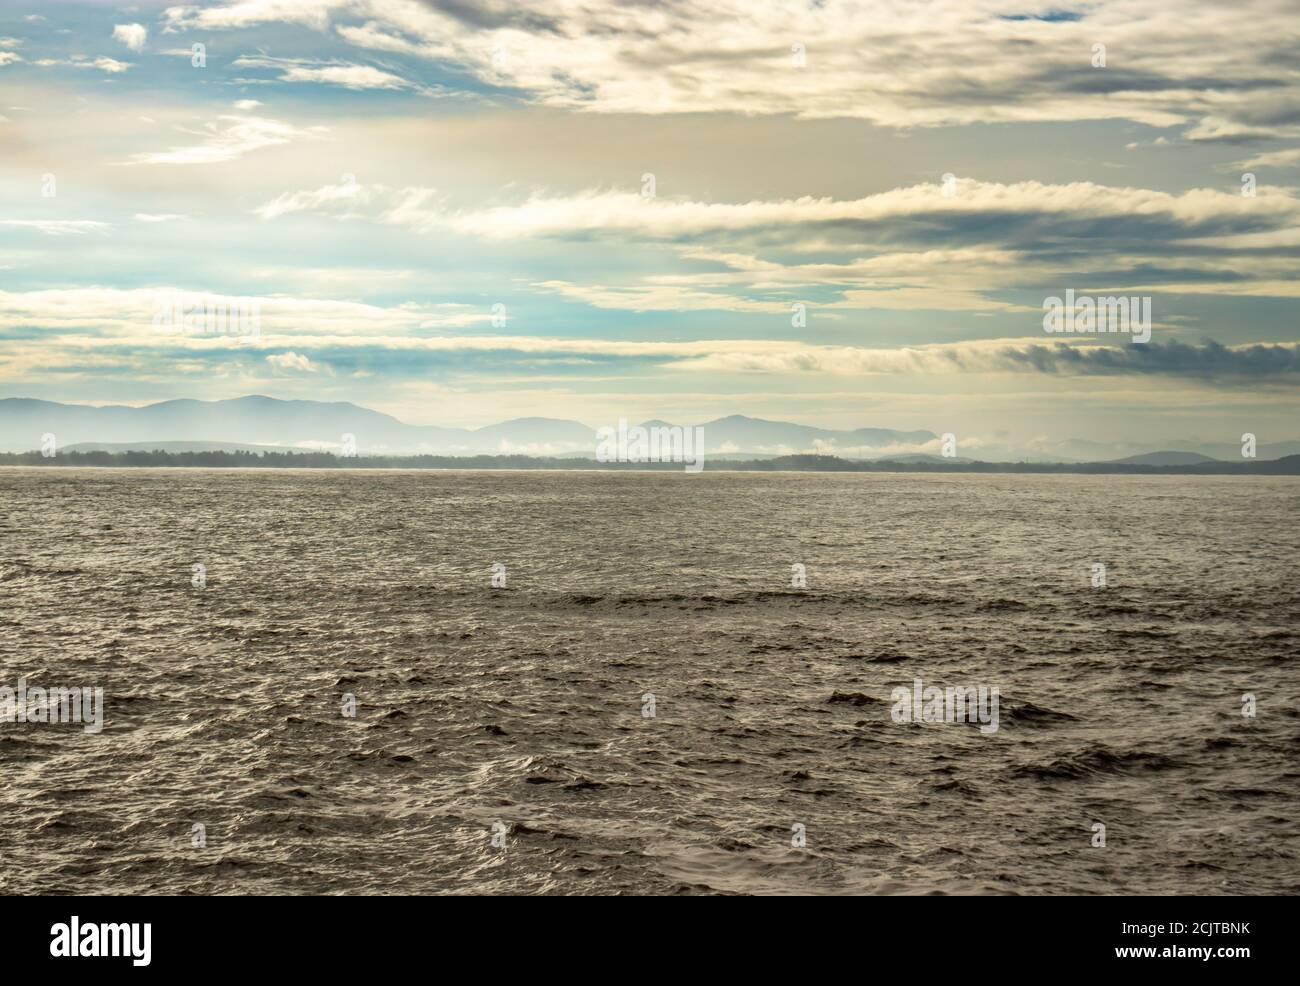 Meereshorizont mit erstaunlichen Himmel am Morgen aus flachem Winkel Bild wird am Strand gokarna karnataka indien genommen. Es ist einer der besten Strand von gokarna. Stockfoto